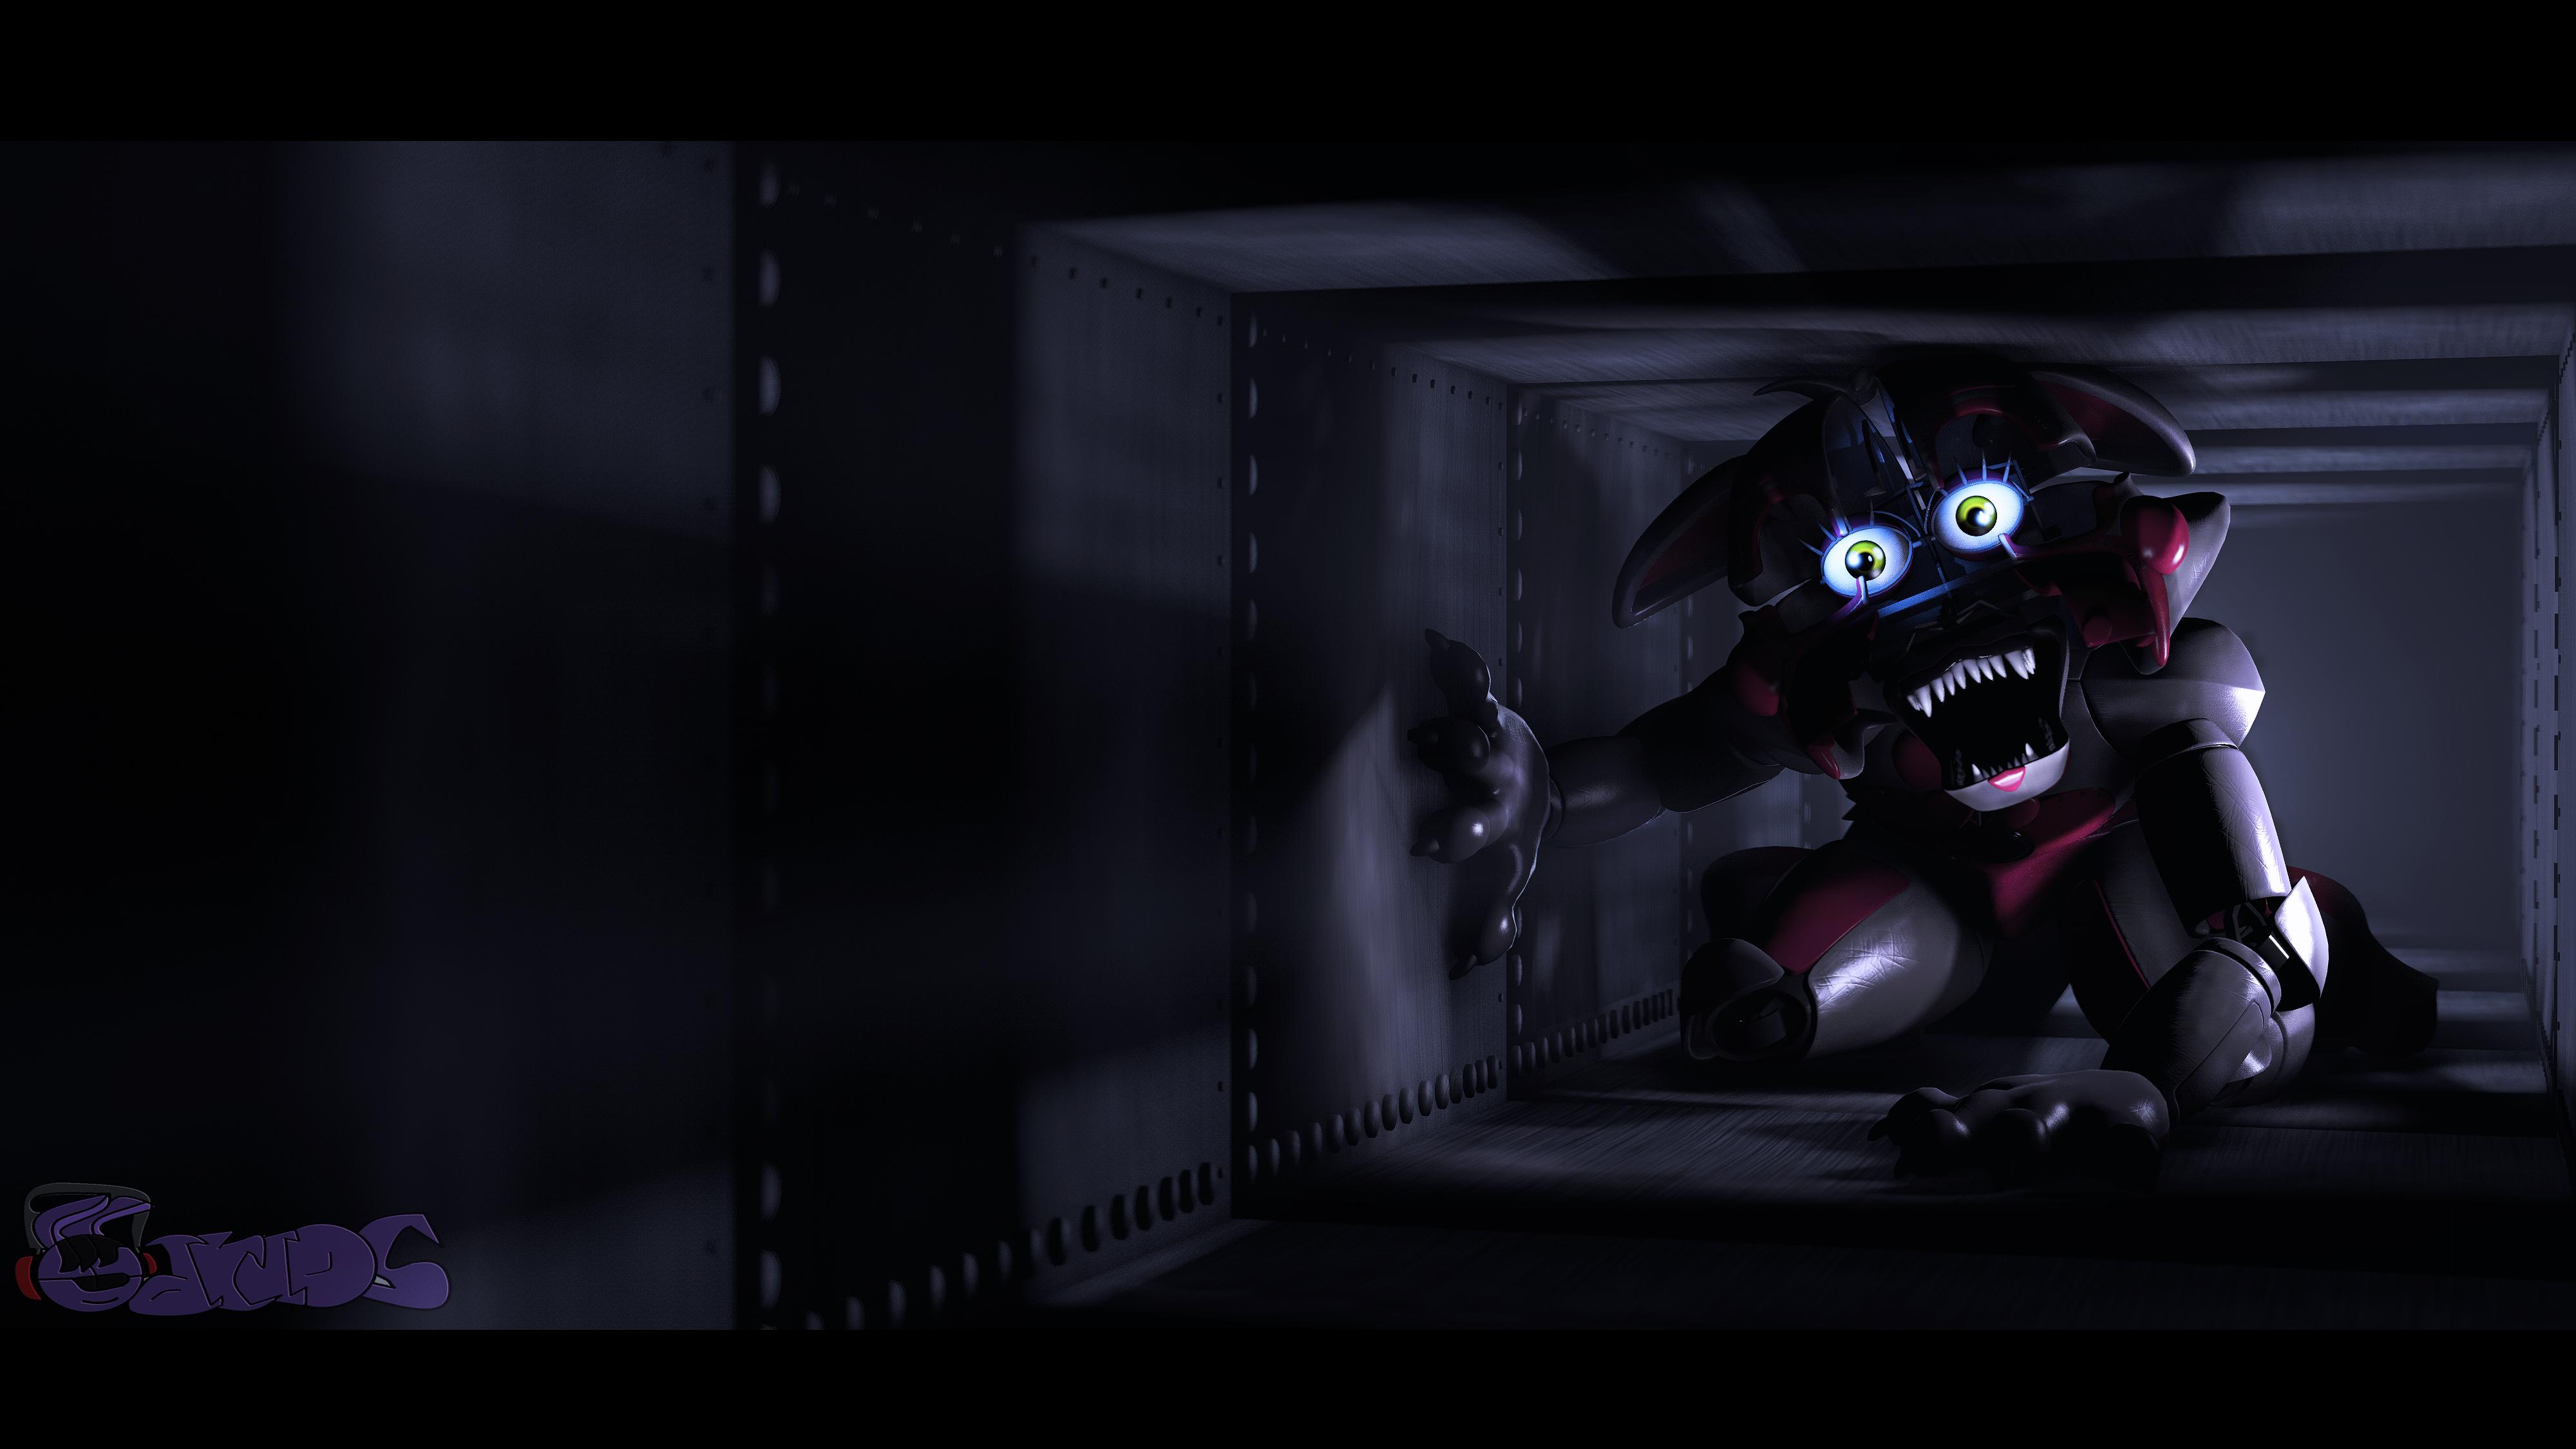 crawling death